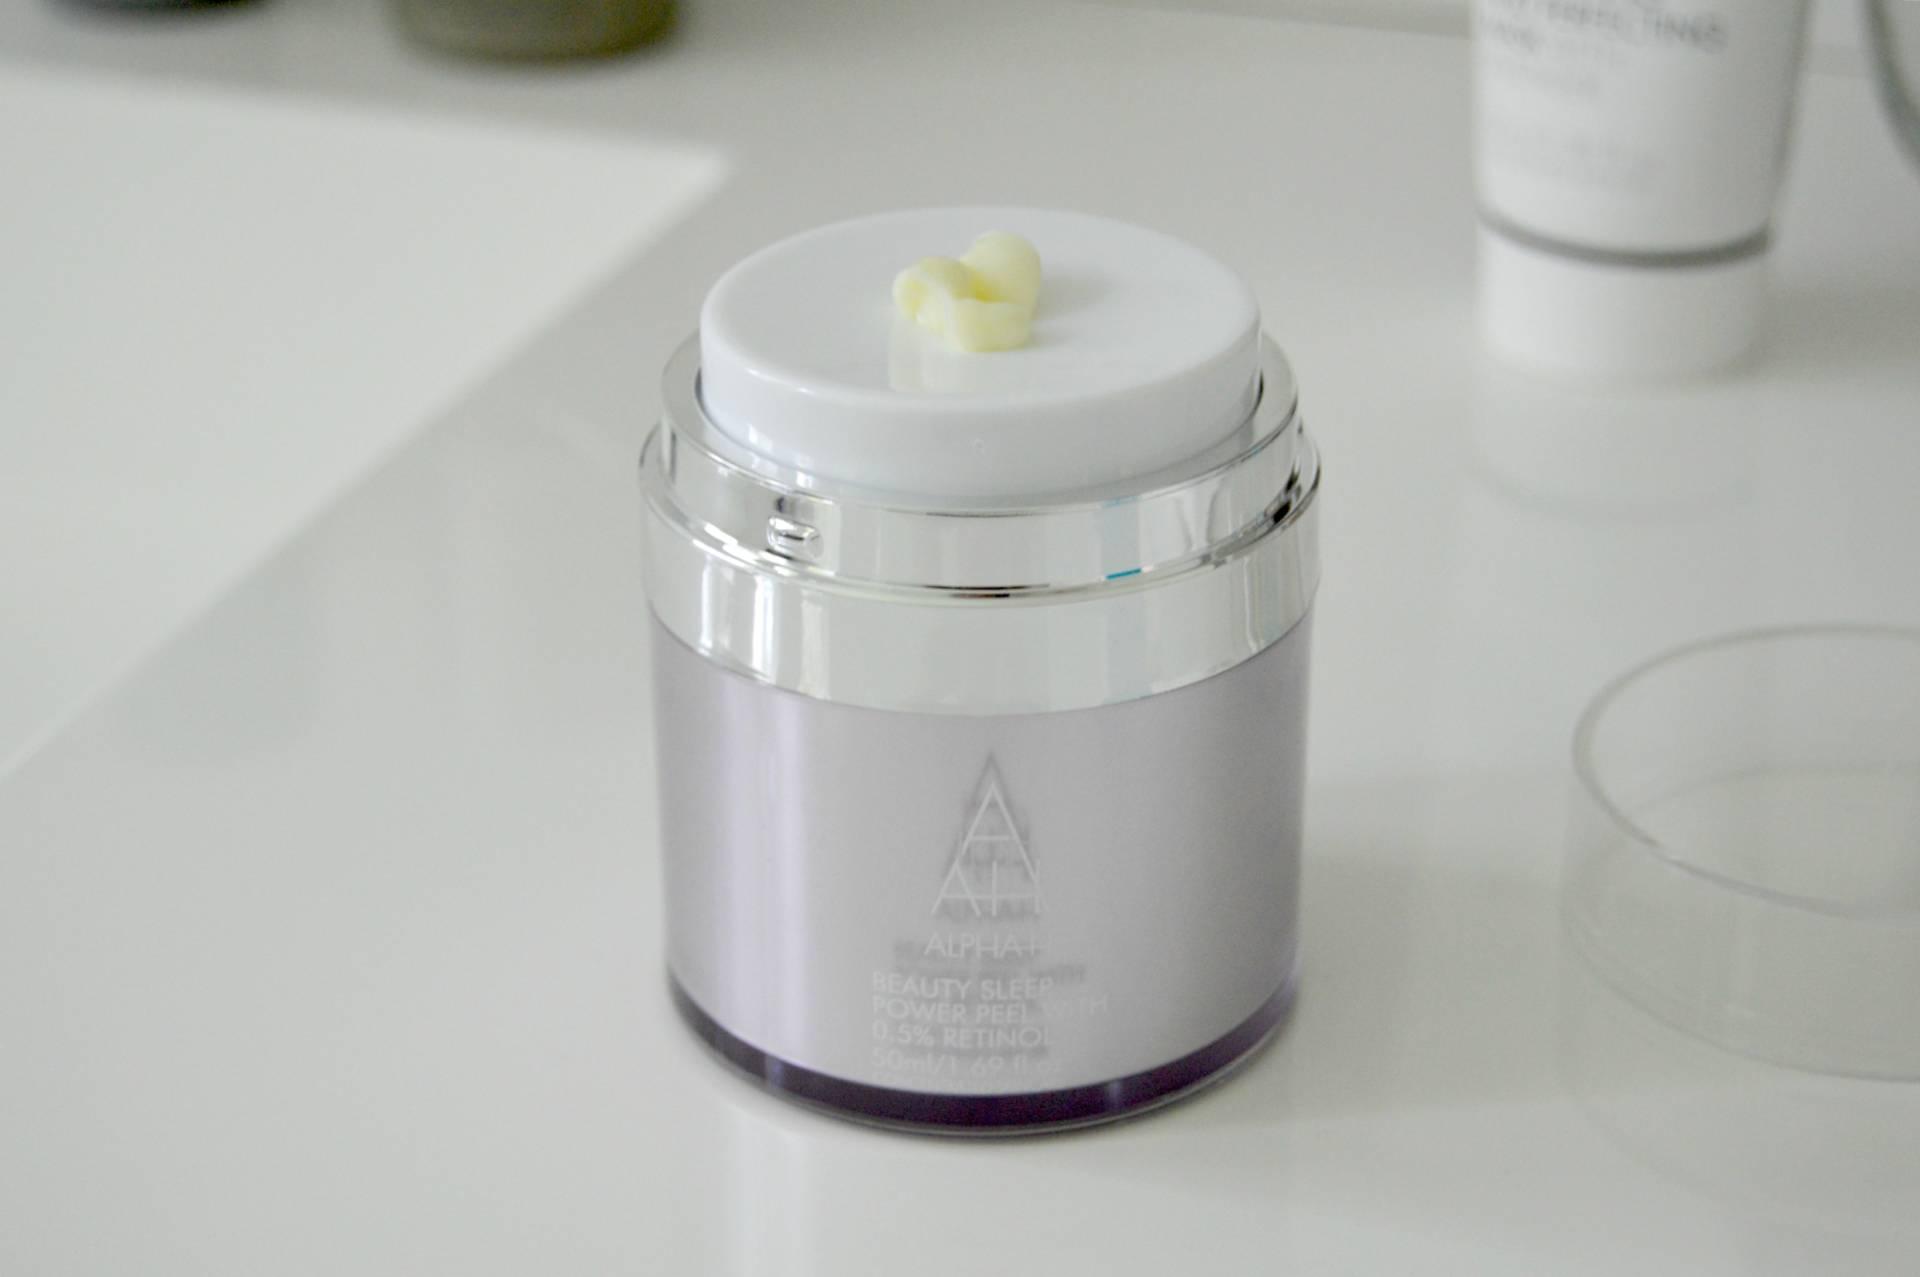 alpha h power peel beauty sleep qvc inhautepursuit review